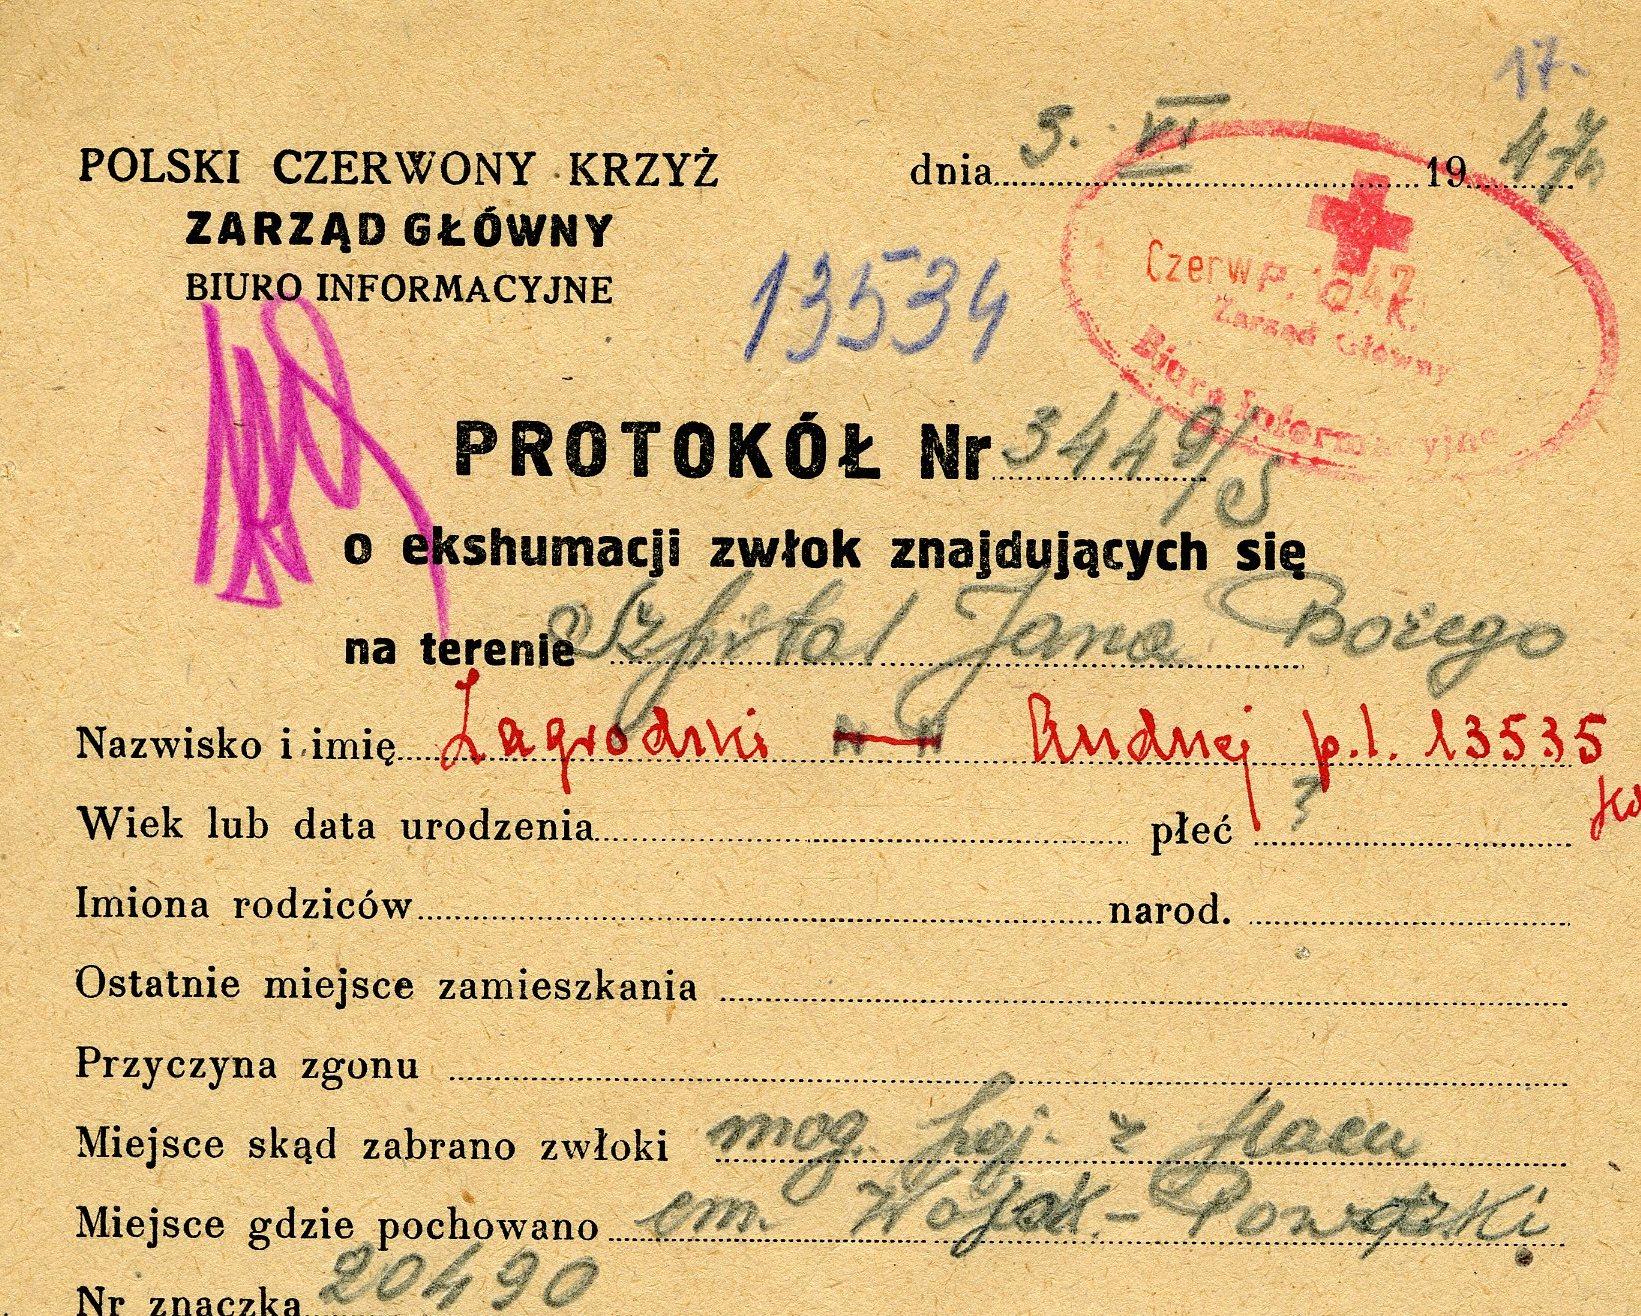 Źródło - Polski Czerwony Krzyż - protokół ekshumacyjny